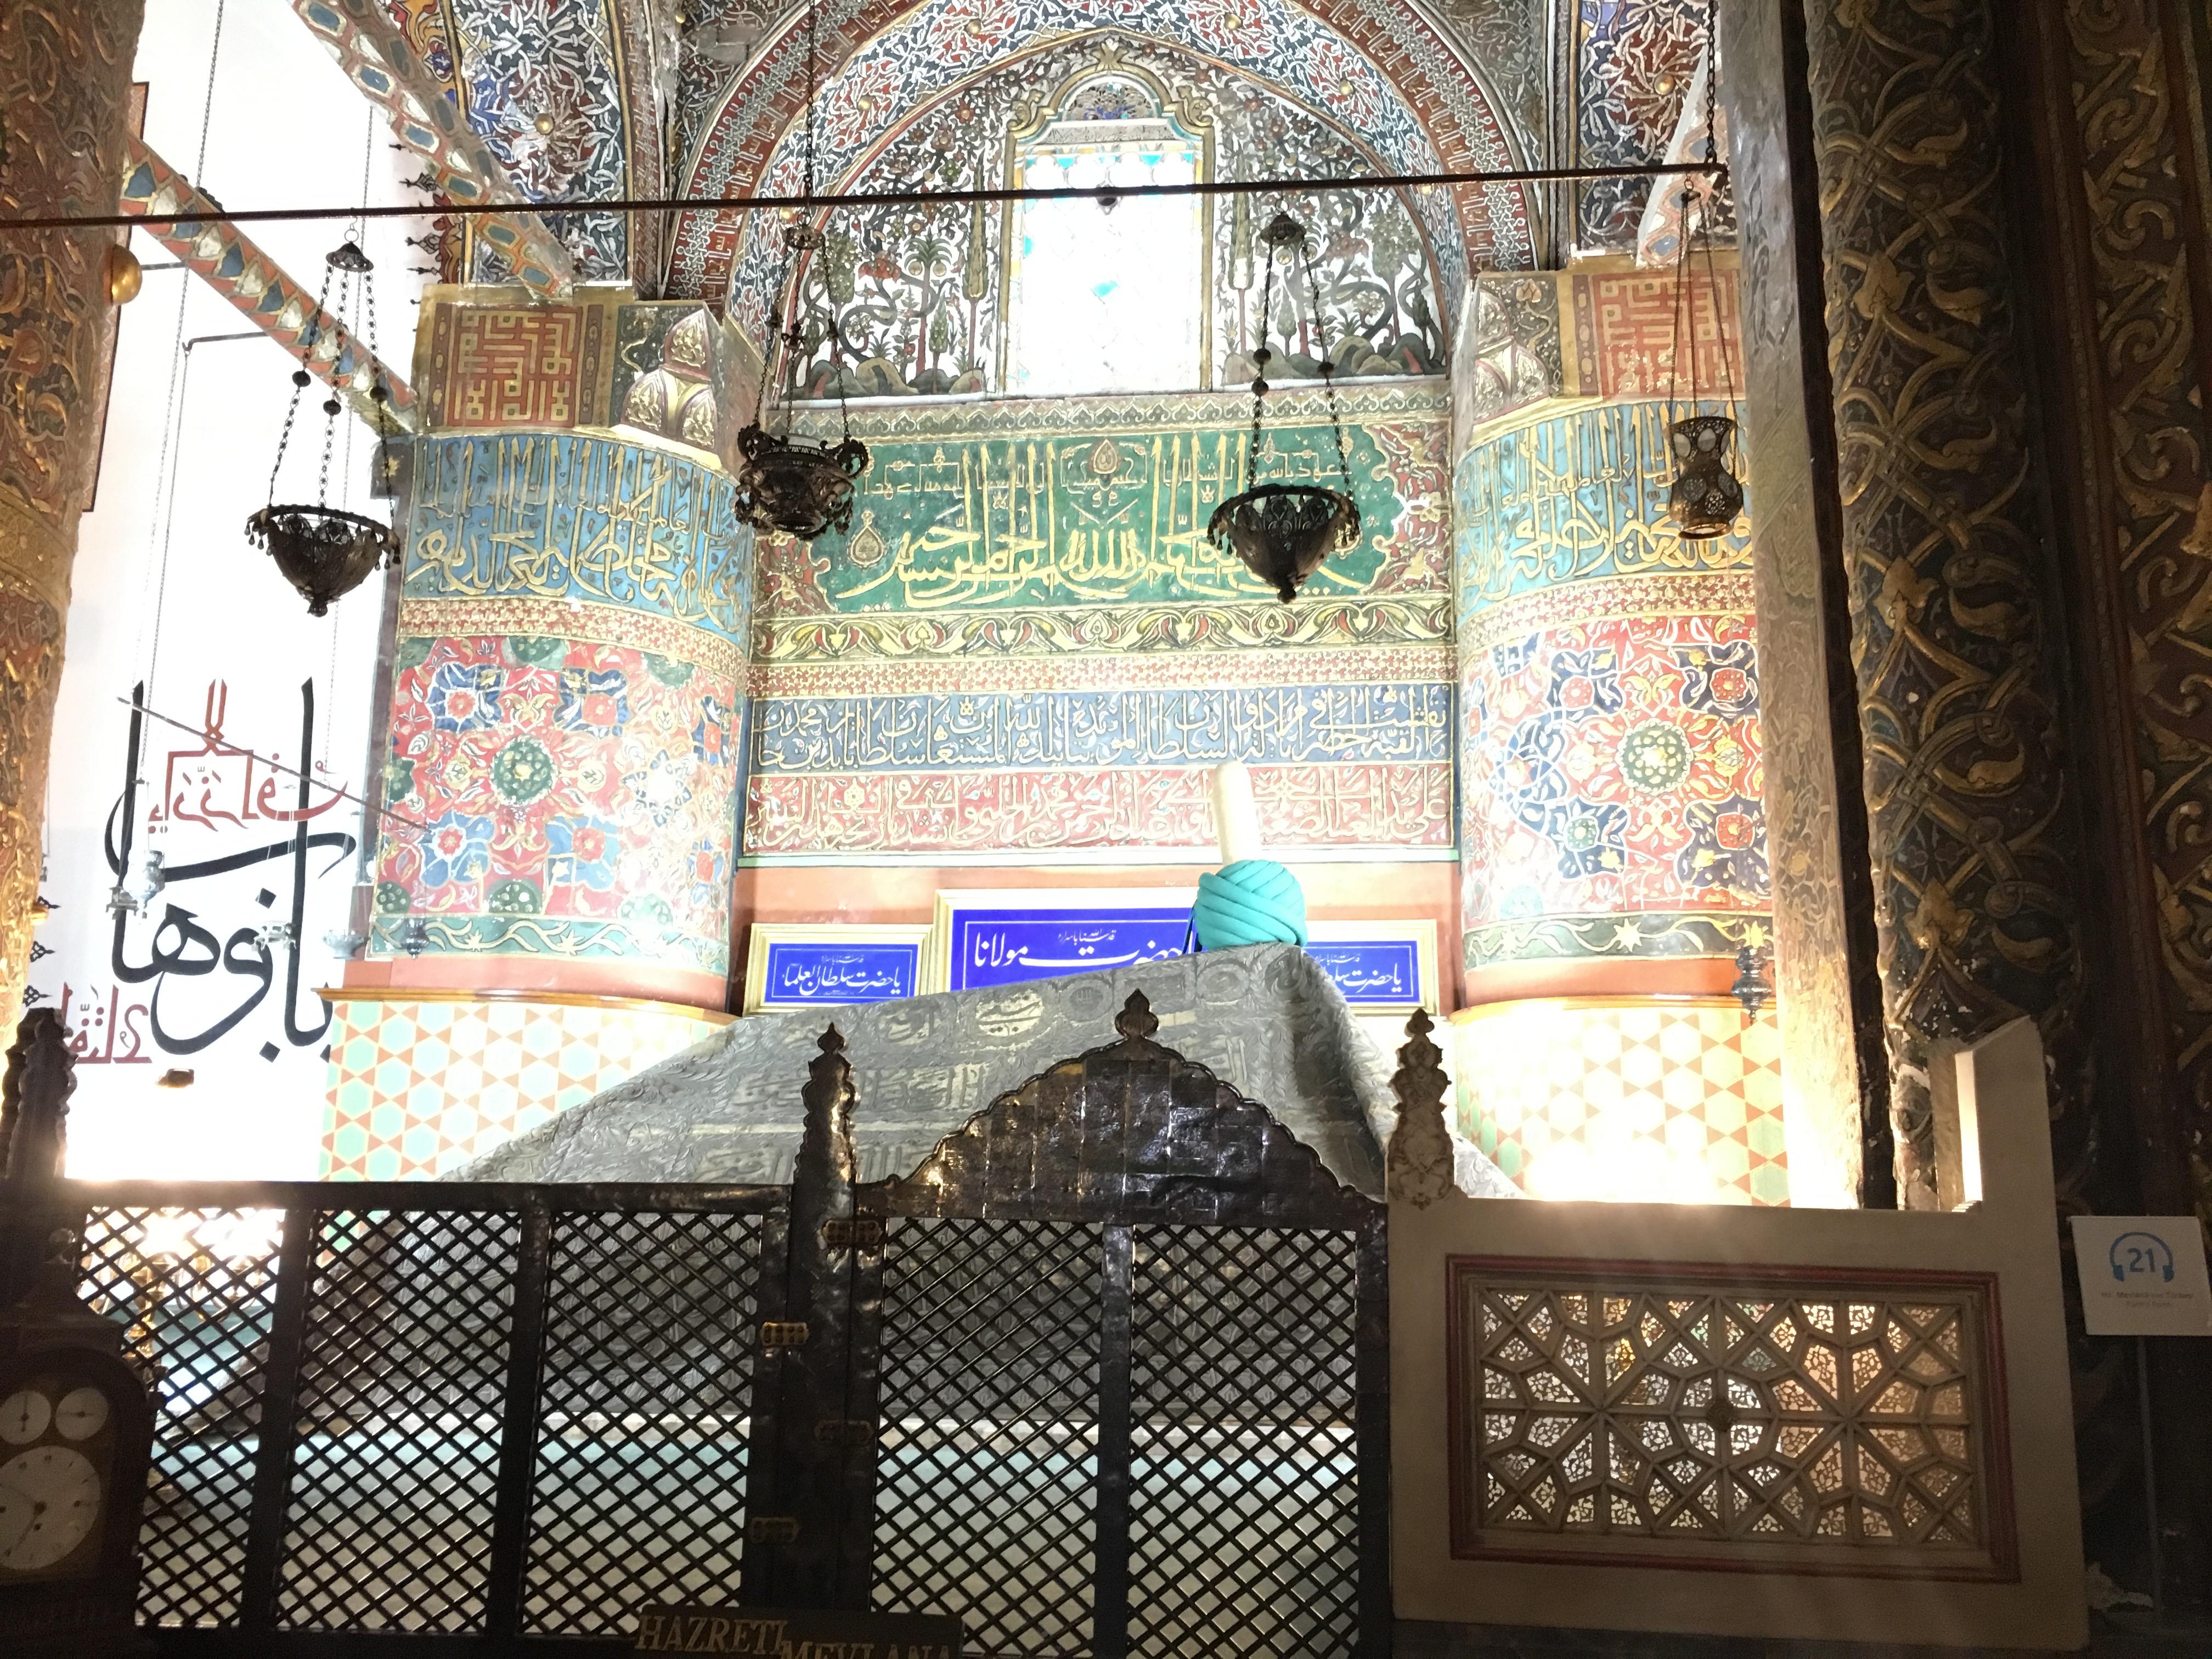 Mevlana Jallaluddin Balkhi Romi's tomb